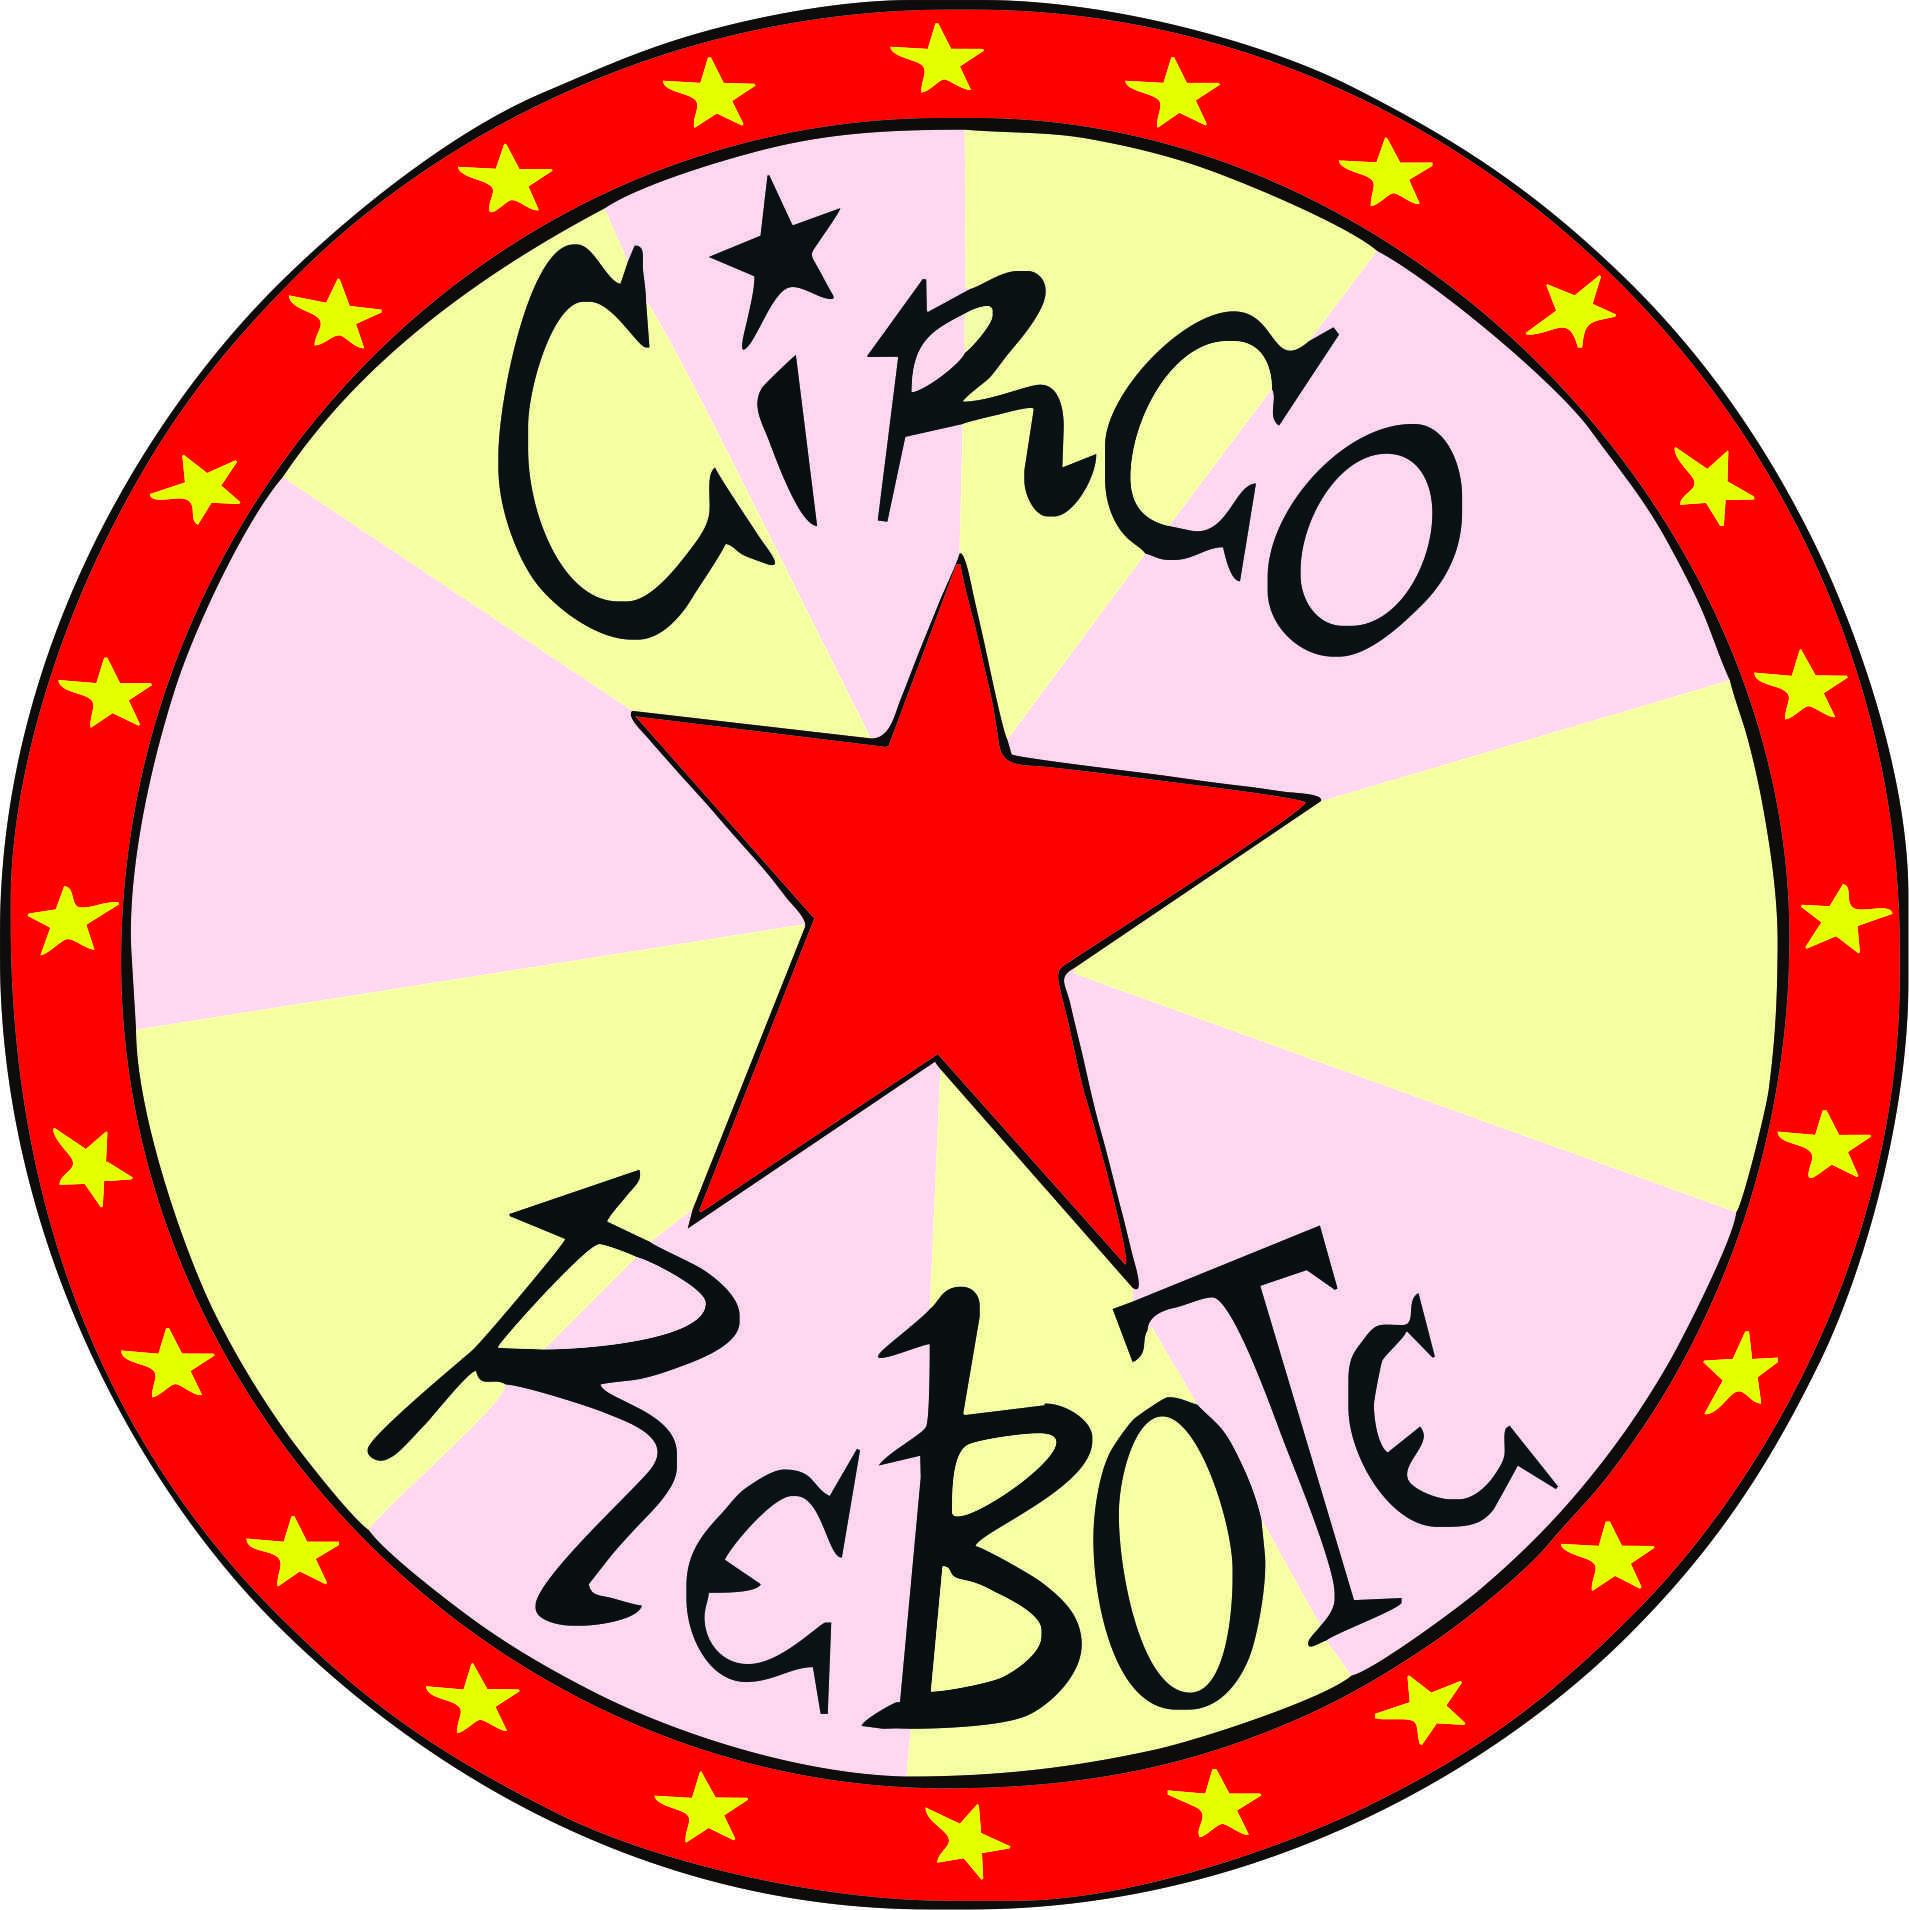 Circo Rebote